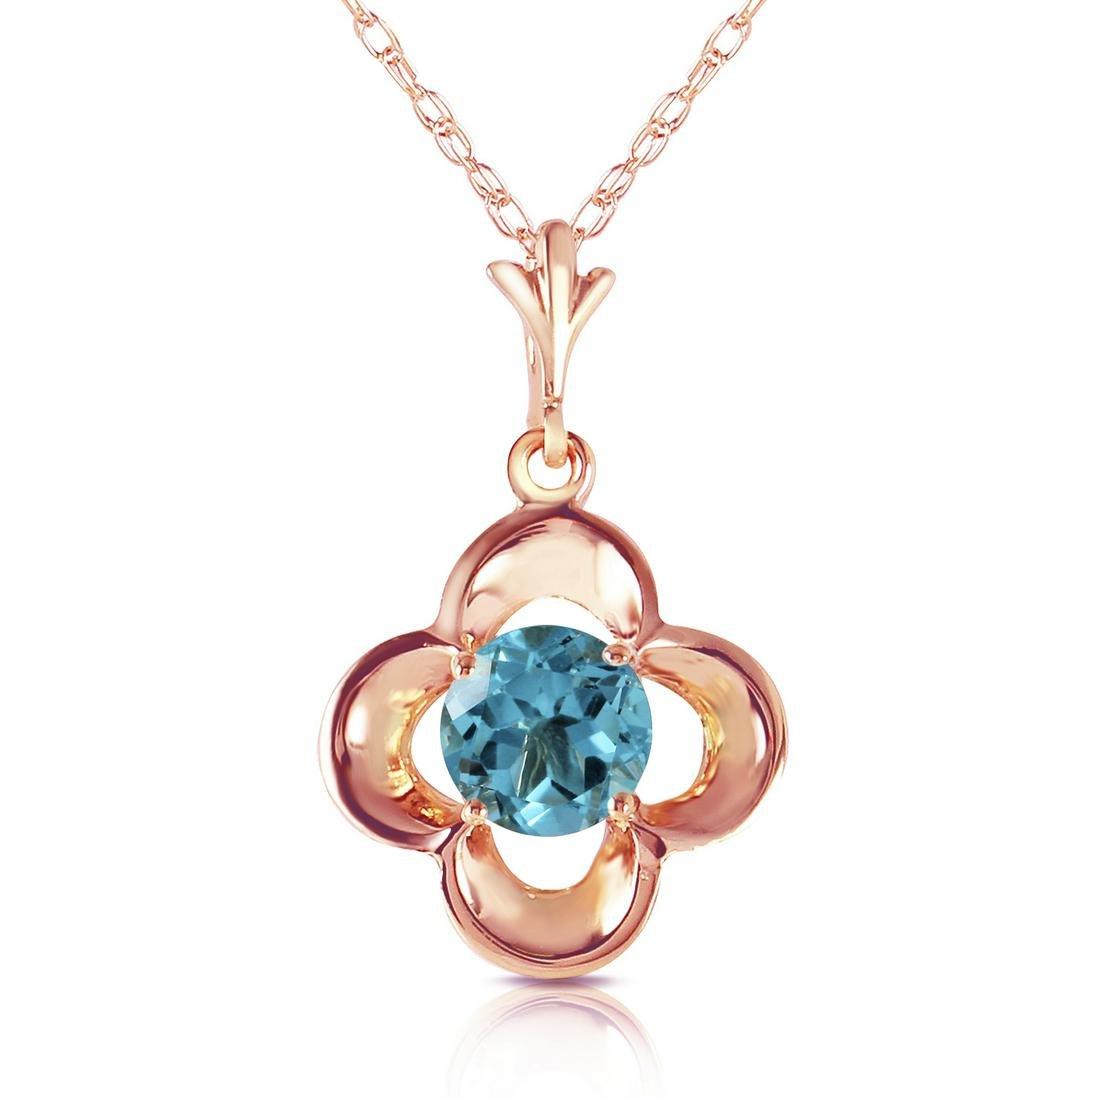 Genuine 0.55 ctw Blue Topaz Necklace Jewelry 14KT Rose